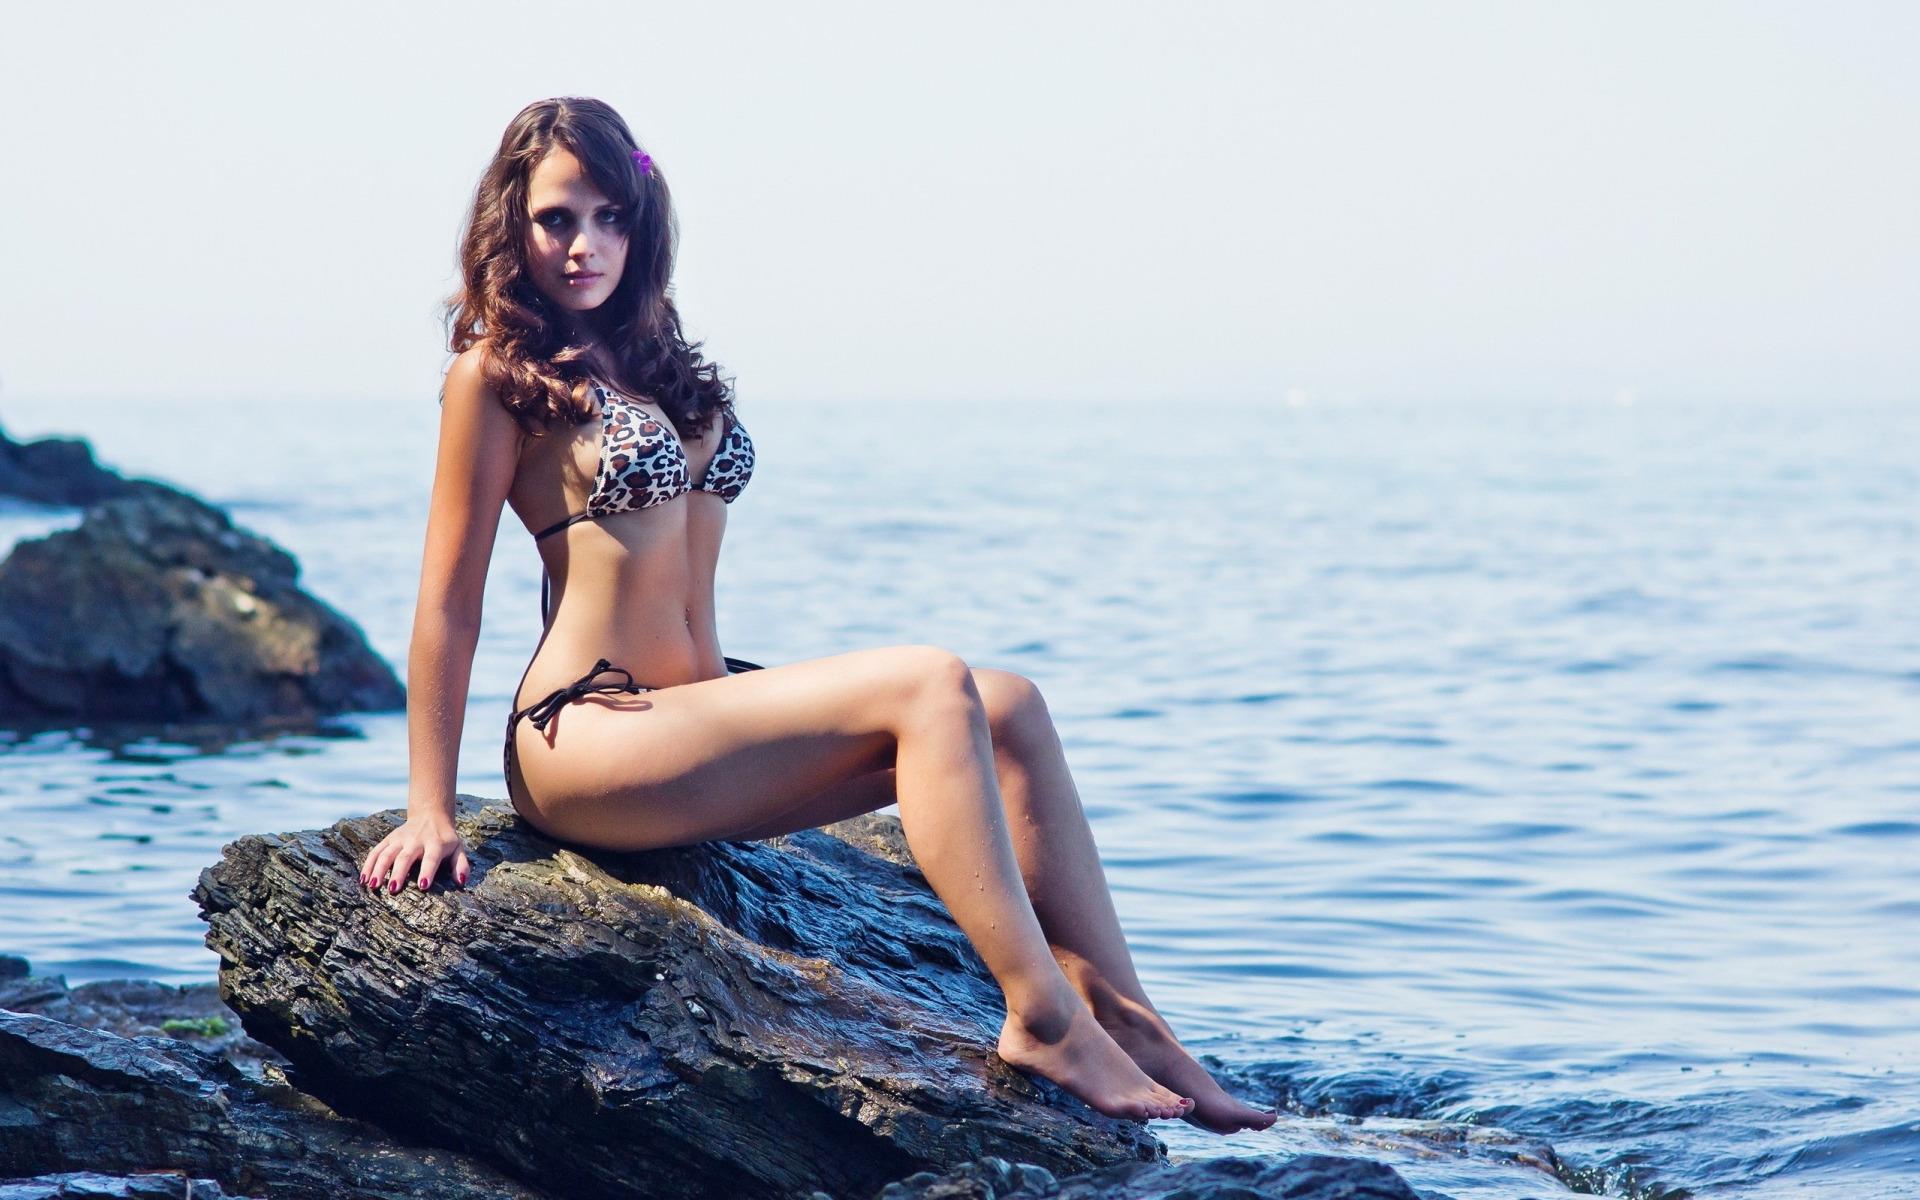 Худенькая девка с офигительным телом позирует на фоне моря  47431